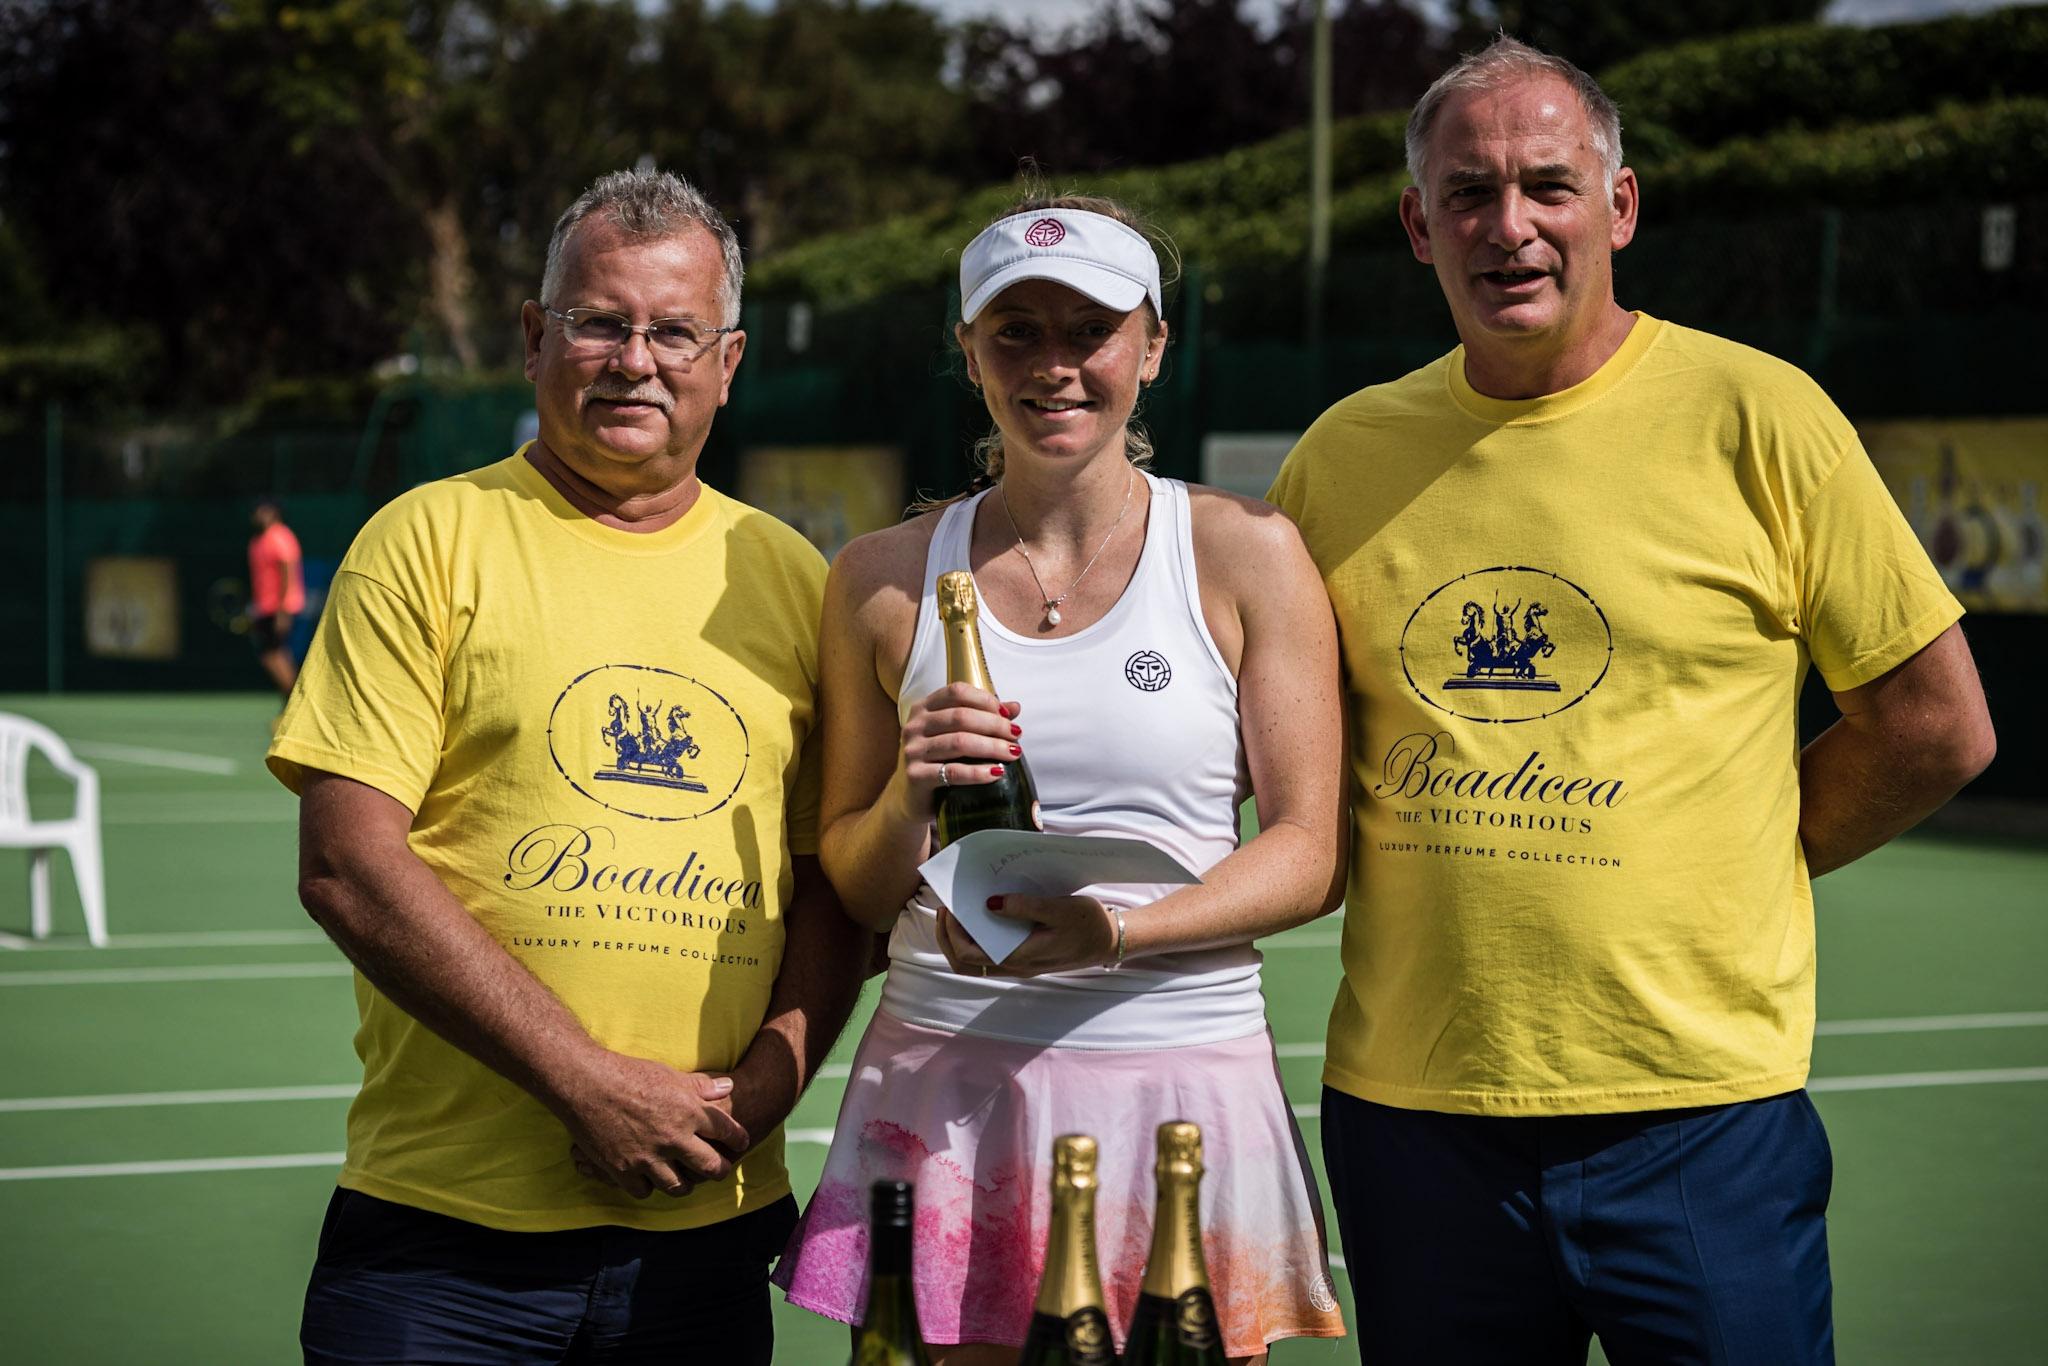 sutton british tour tennis